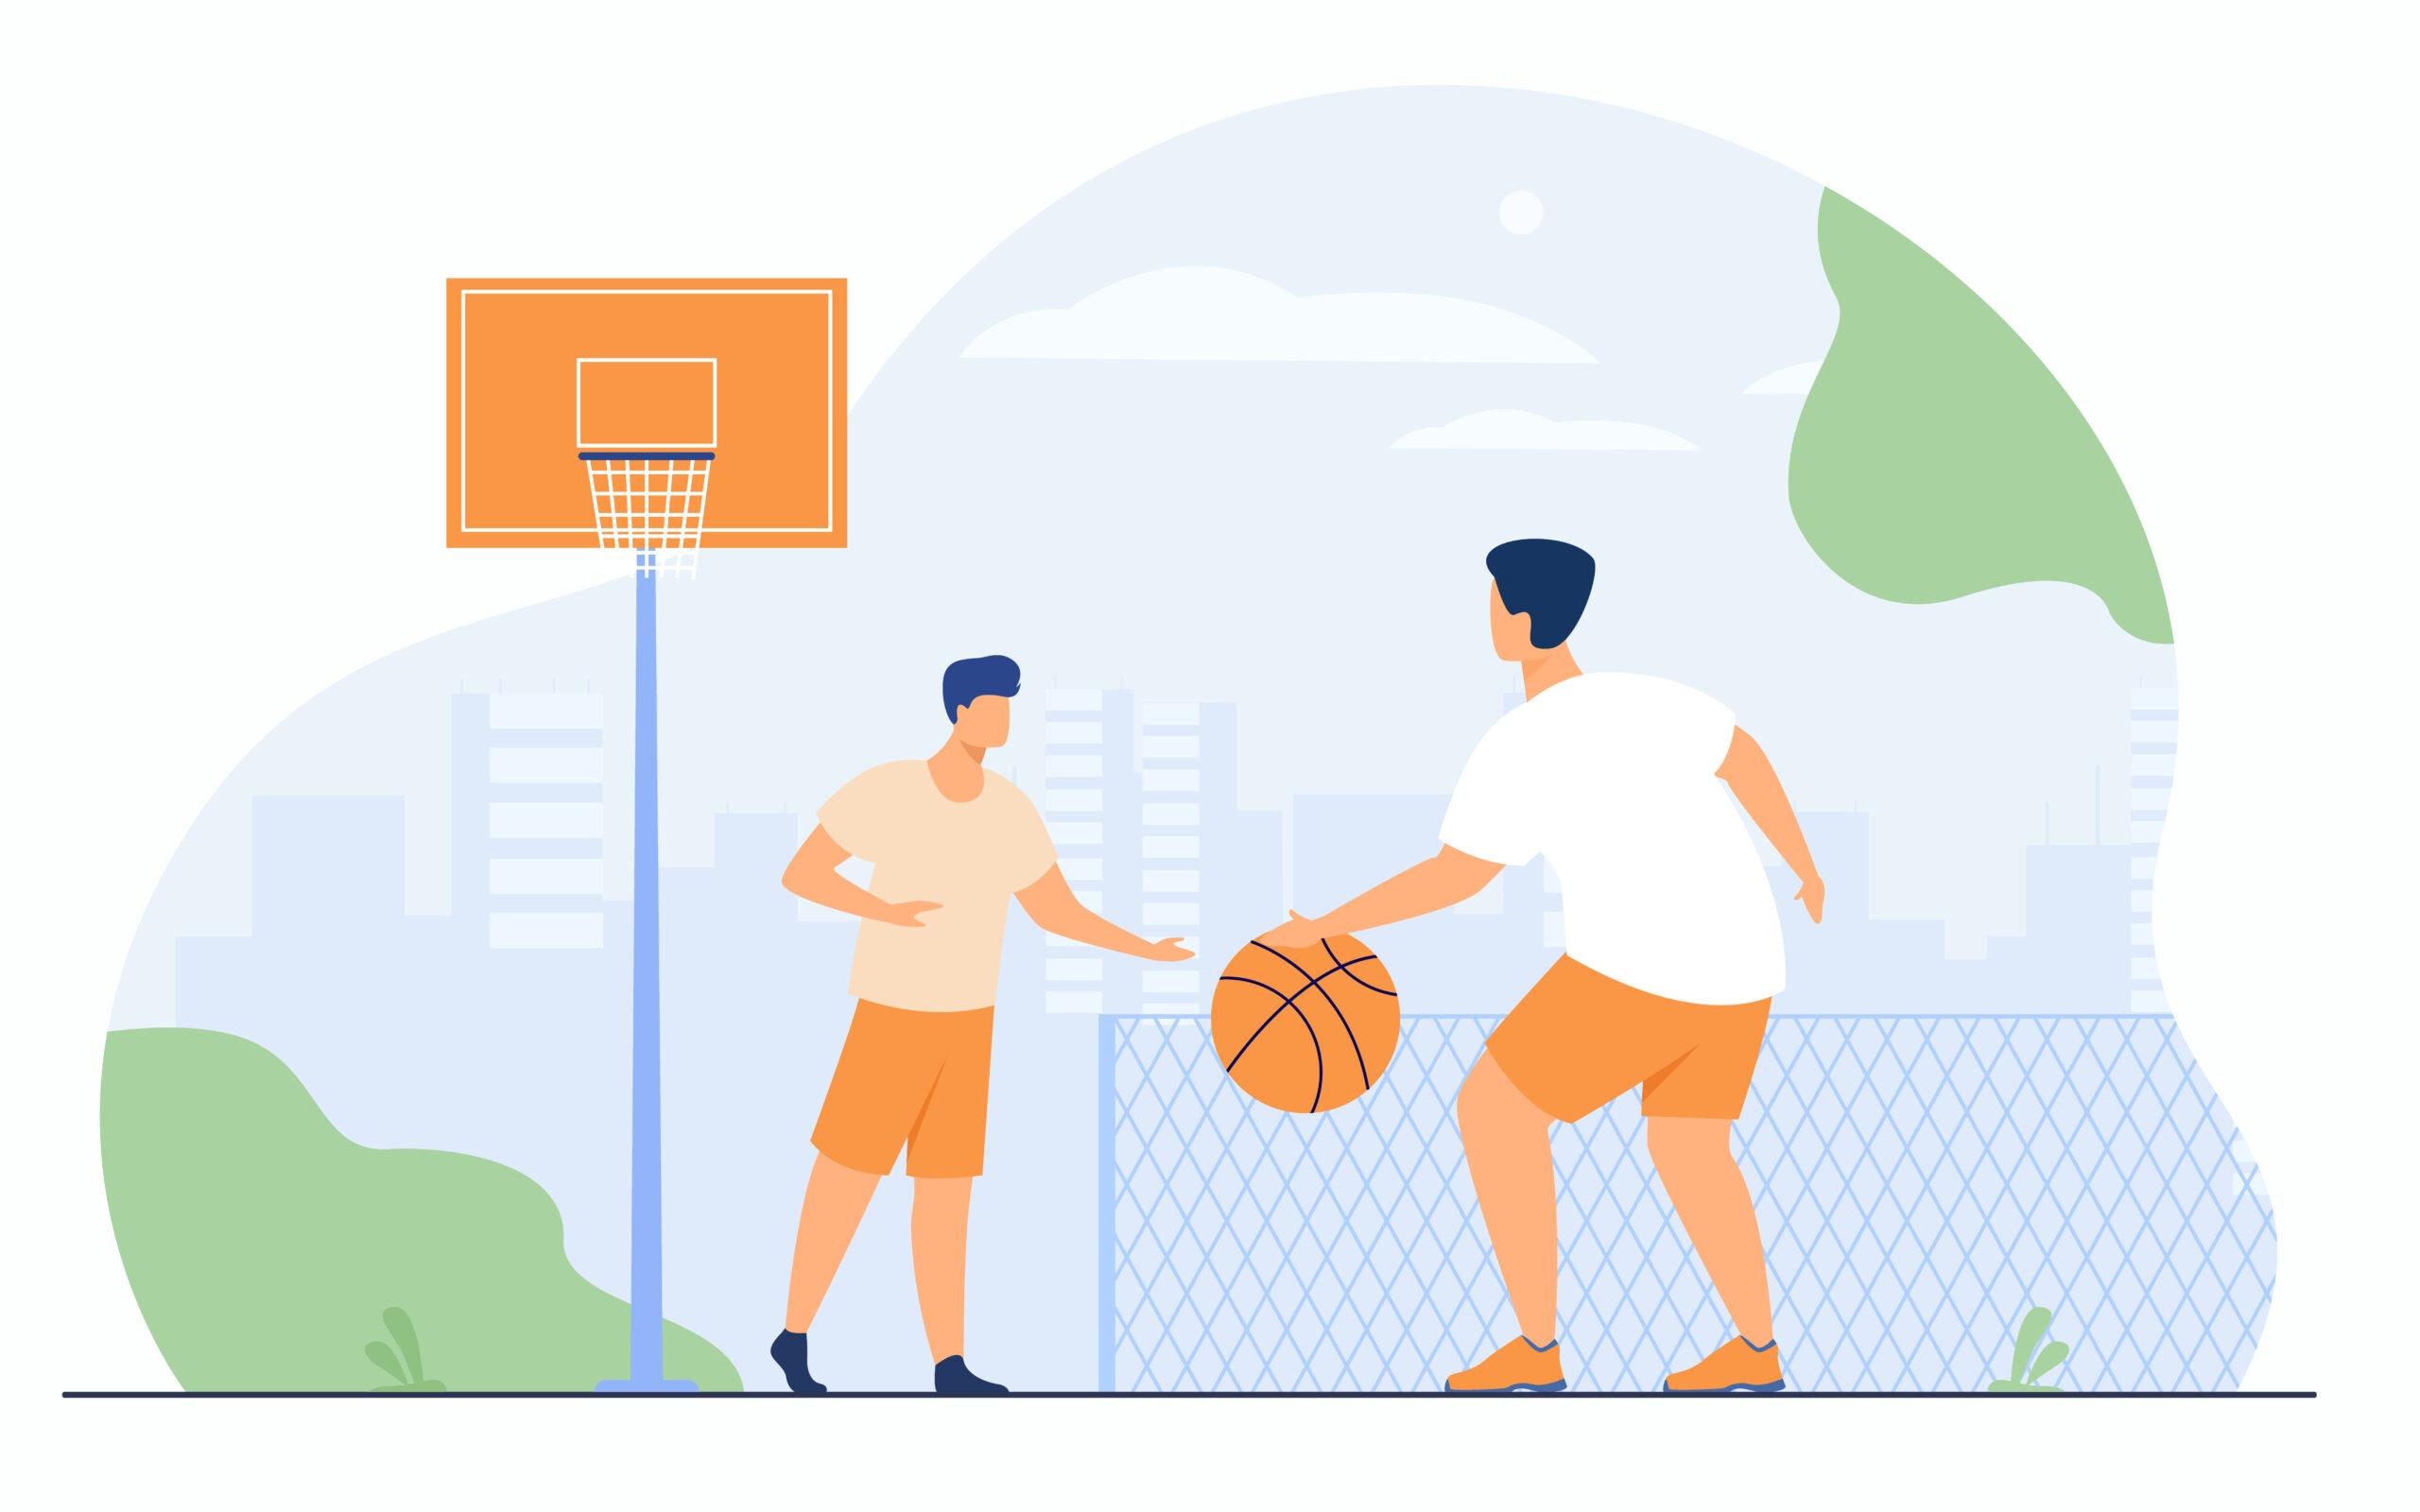 PLAYING BASKETBALL - Jugando al baloncesto